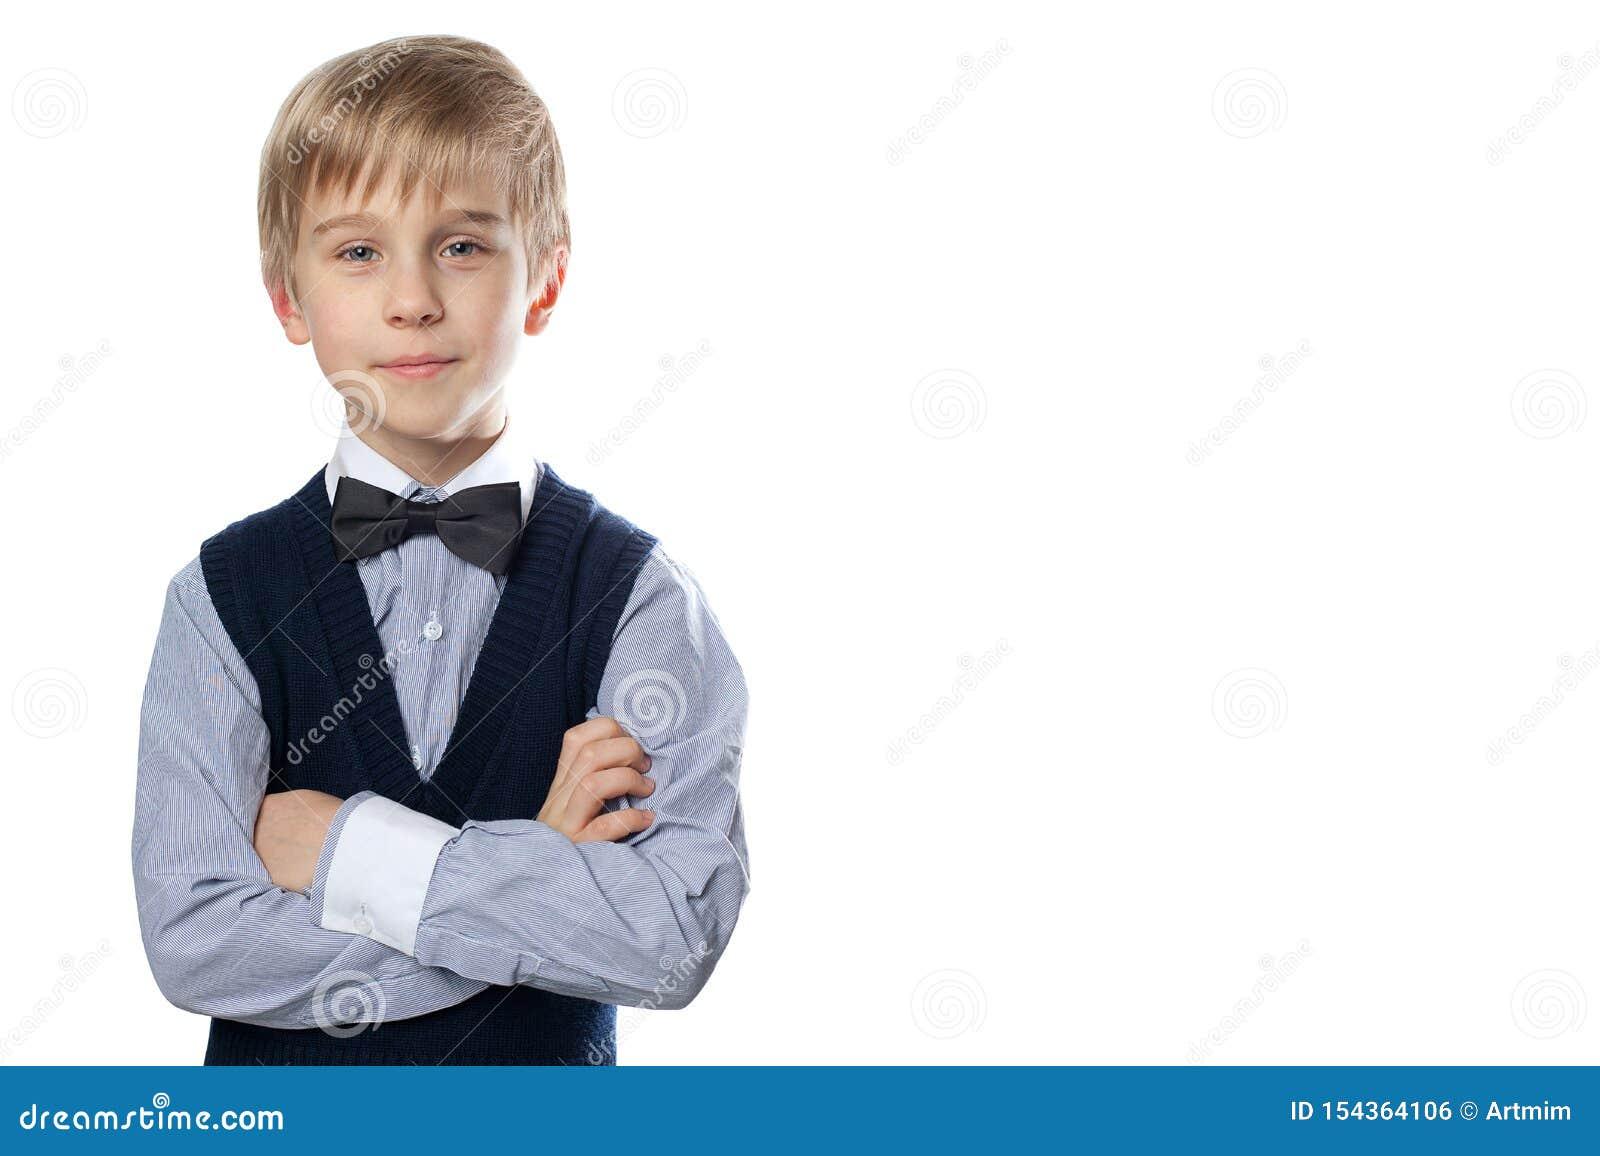 Портрет белокурого мальчика в классическом костюме с бабочкой